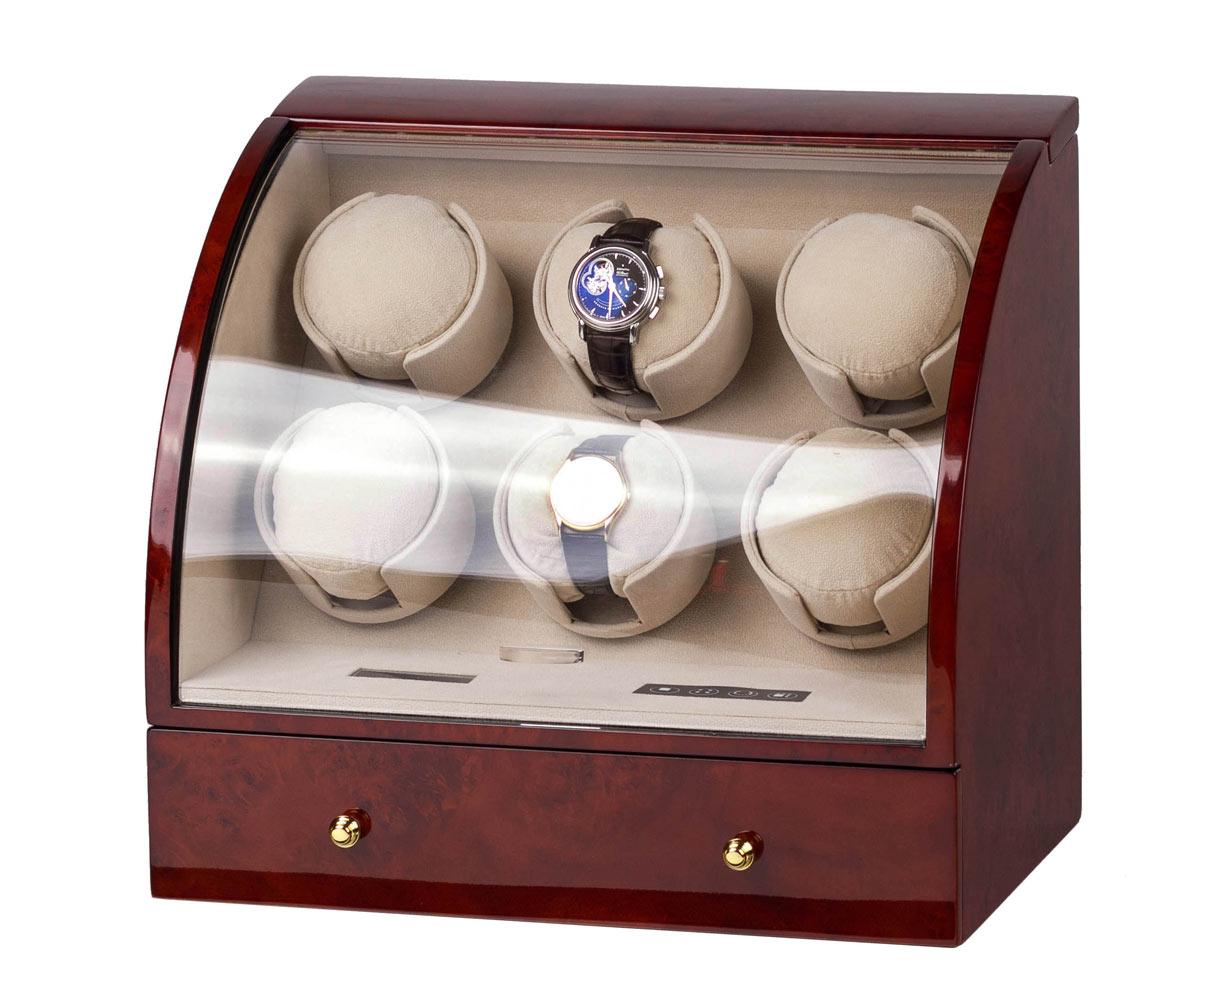 SmartWinder 90326-DBC Бокс для хранения и позавода для шести механических часов. Электронная система управления с жидкокристаллическим дисплеем.